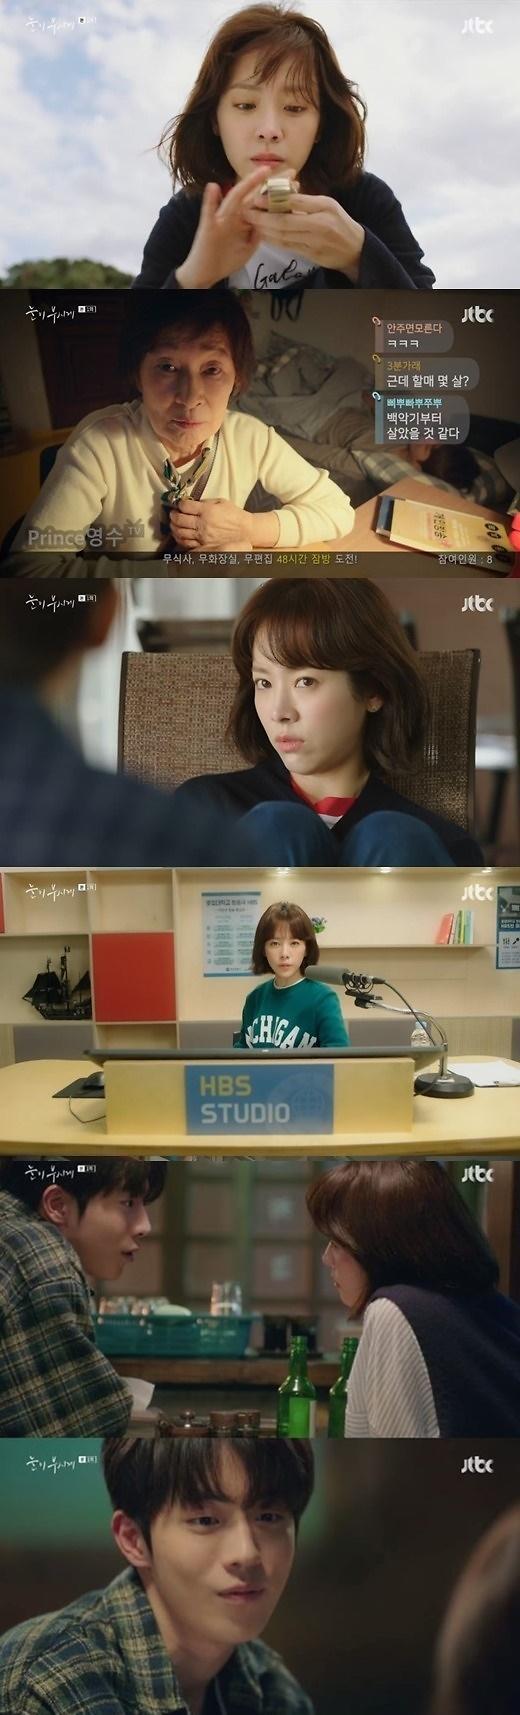 [간밤의 TV] 첫방 눈이 부시게, 시간을 달리는 김혜자·한지민…웃음과 공감 꽉 잡다